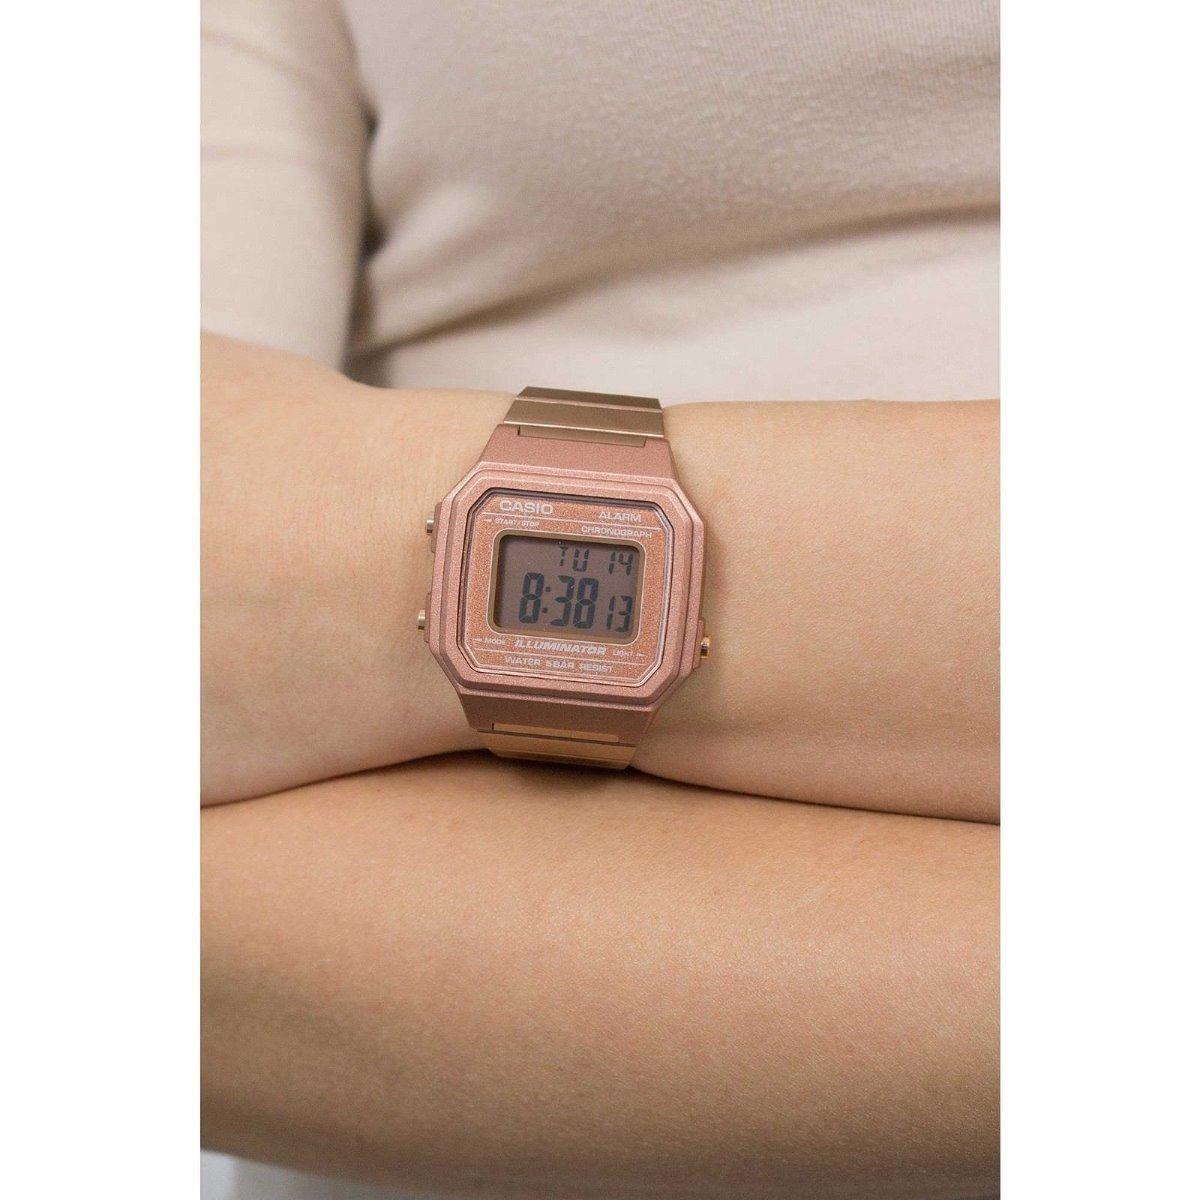 a2b135a18b7e paquete de relojes casio b640 y b650 bronce. Cargando zoom.